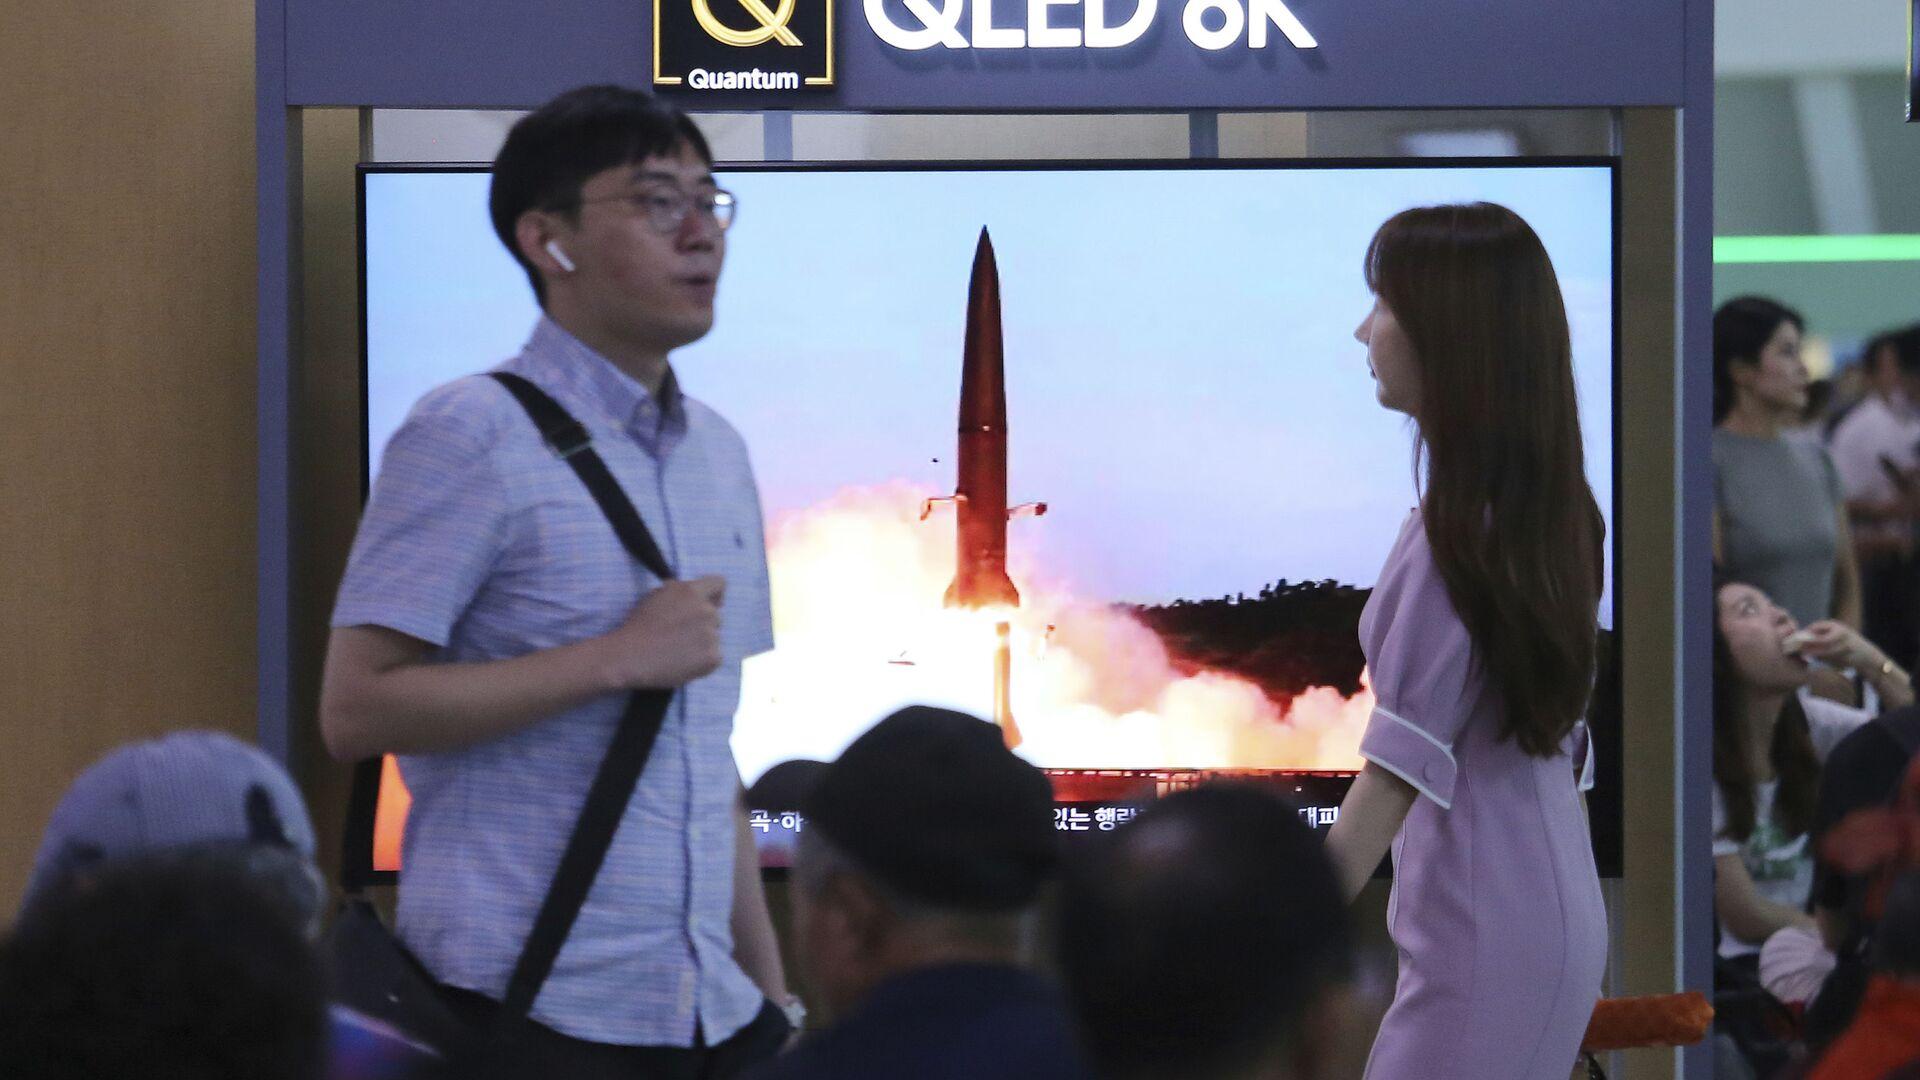 Монитор на железнодорожном вокзале Сеула с изображением запуска ракеты Северной Кореи во время программы новостей, Южная Корея - Sputnik Italia, 1920, 29.09.2021